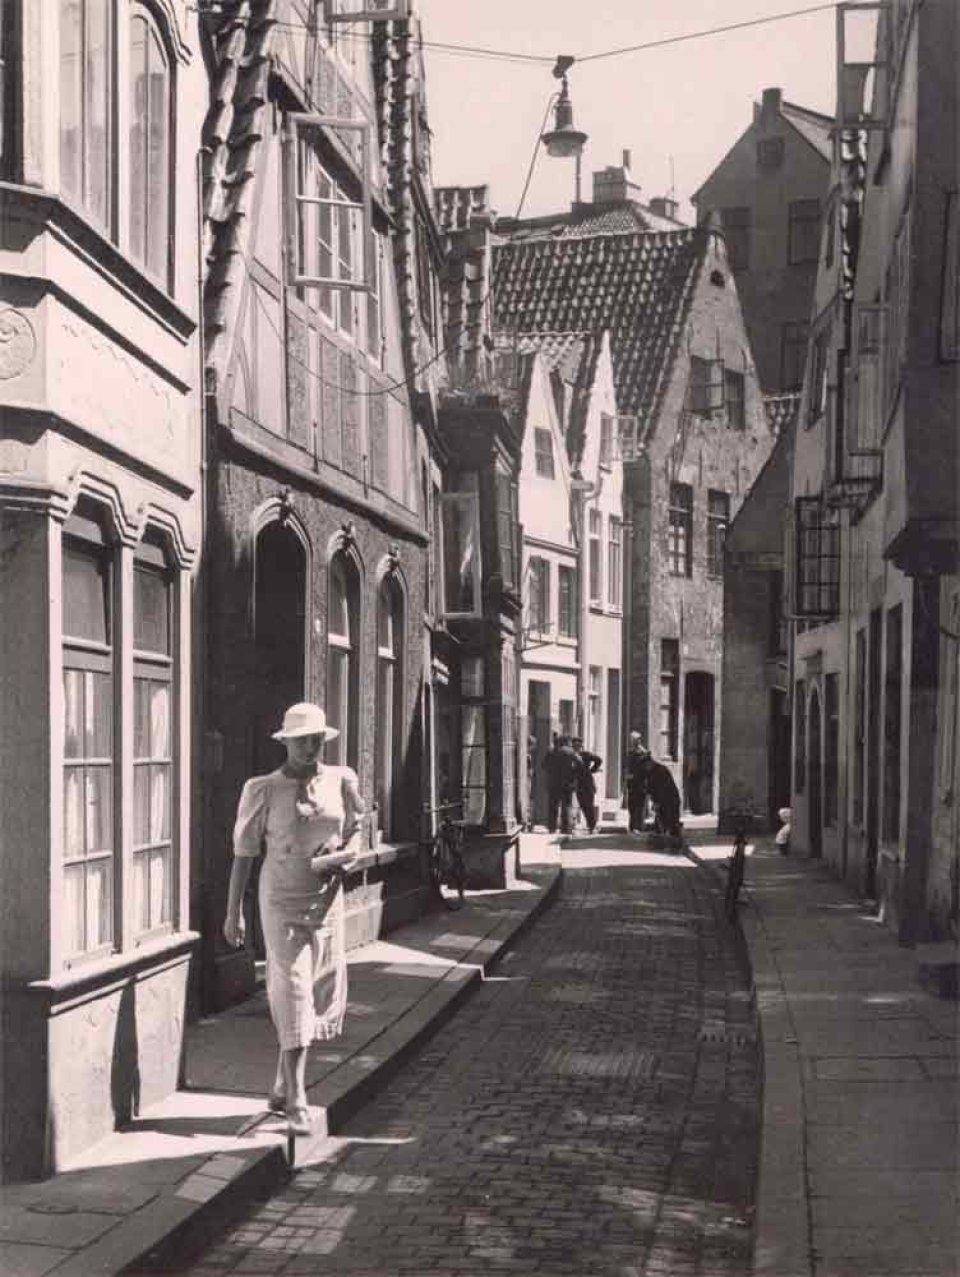 Diese Schwarzweißfotografie zeigt, wie eine Frau in weiß eine schmale Straße überquert, die von Häusern eng bebaut ist.